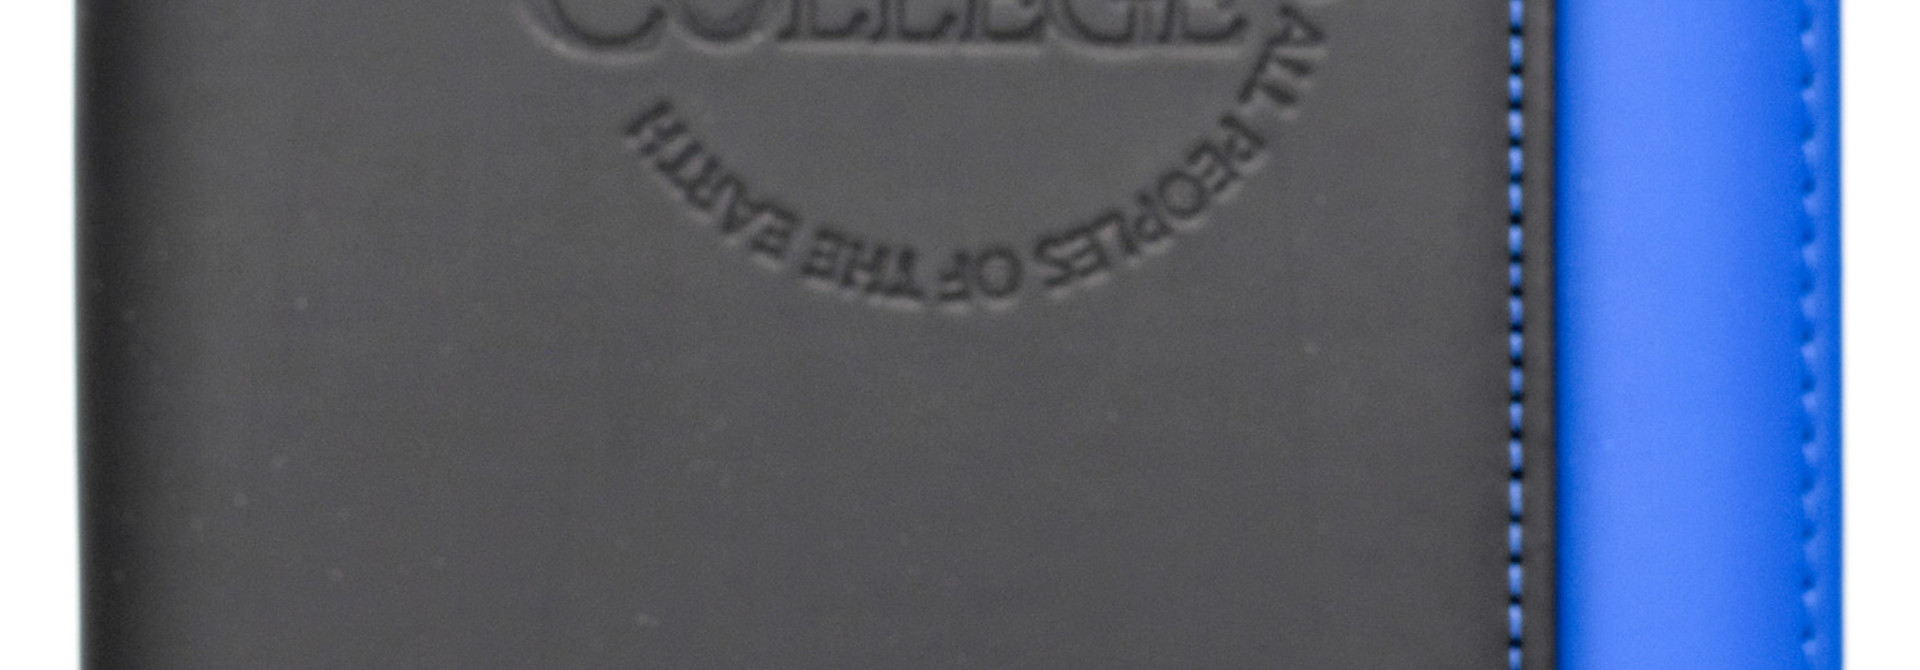 Large Blue and Black Berea College Portfolio